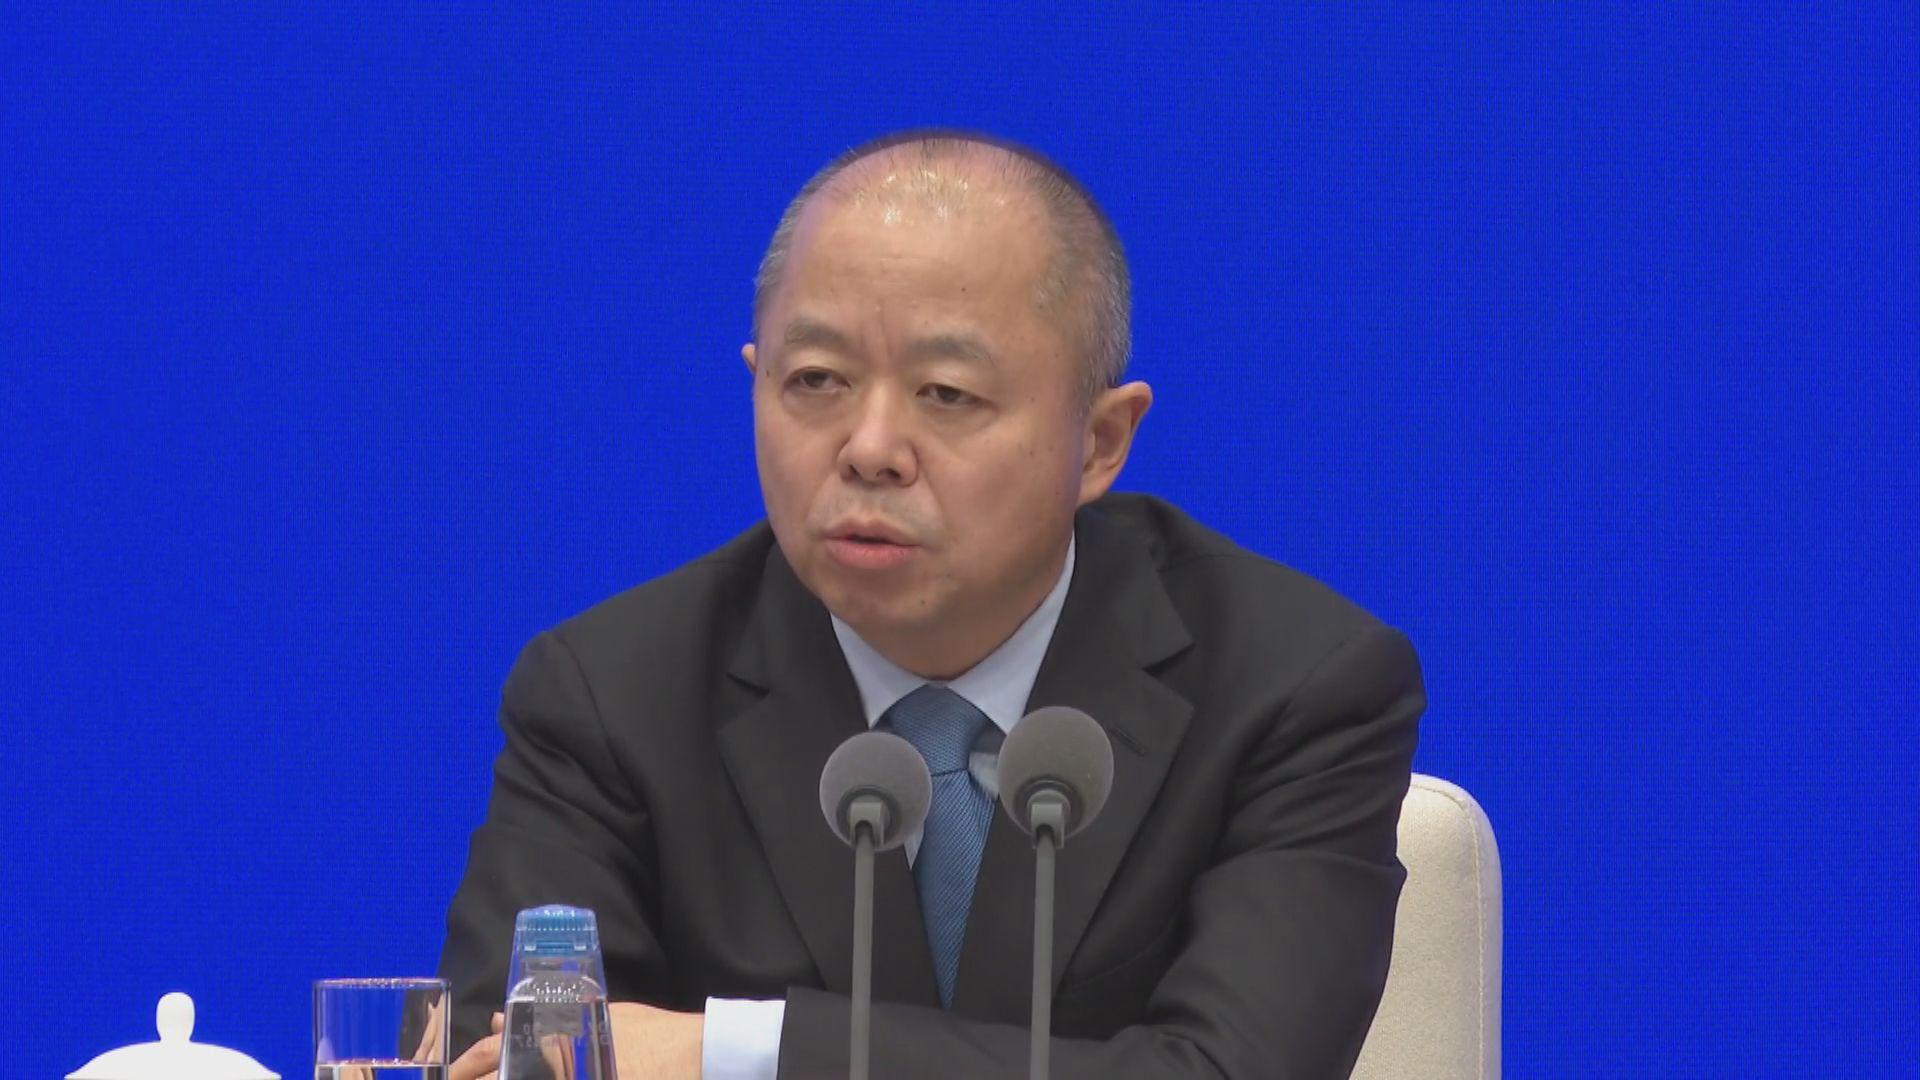 工信部承認全國防護服生產力未能滿足湖北省需求